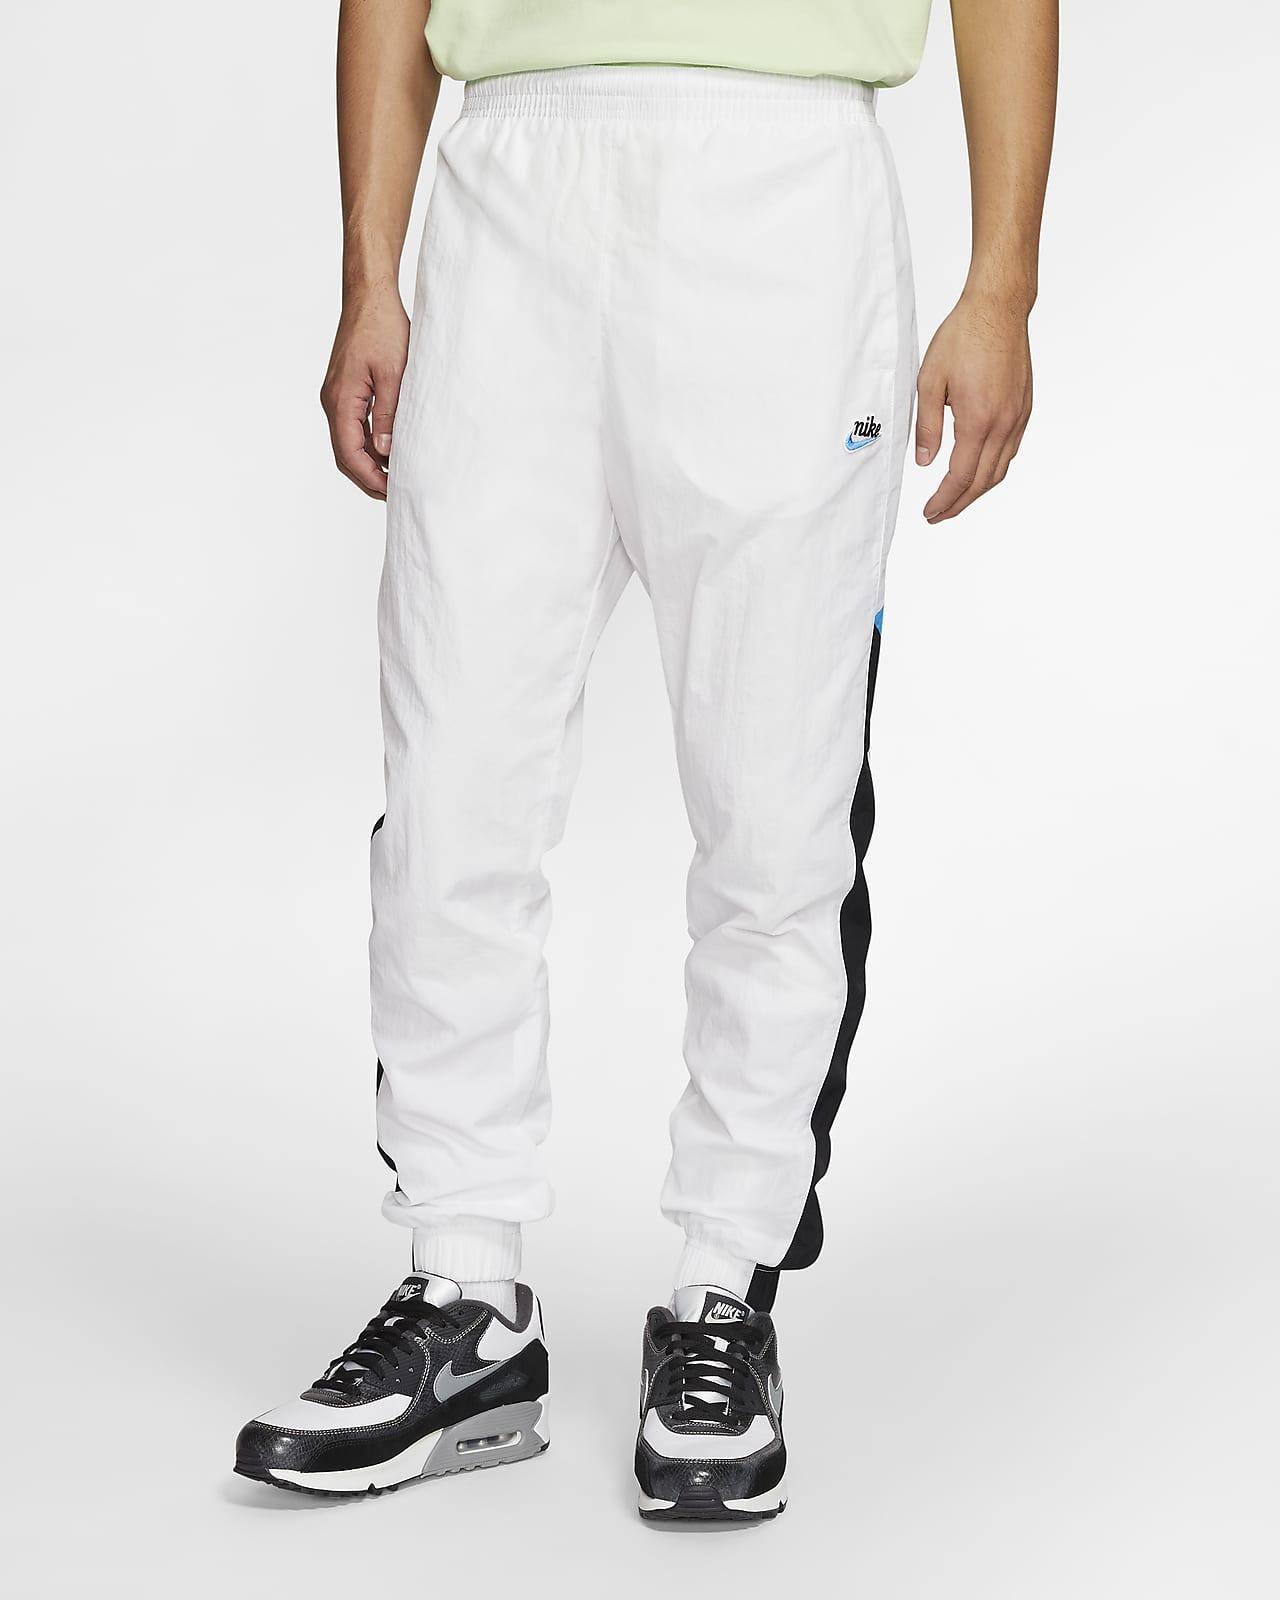 Nike Sportswear Windrunner Men's Woven